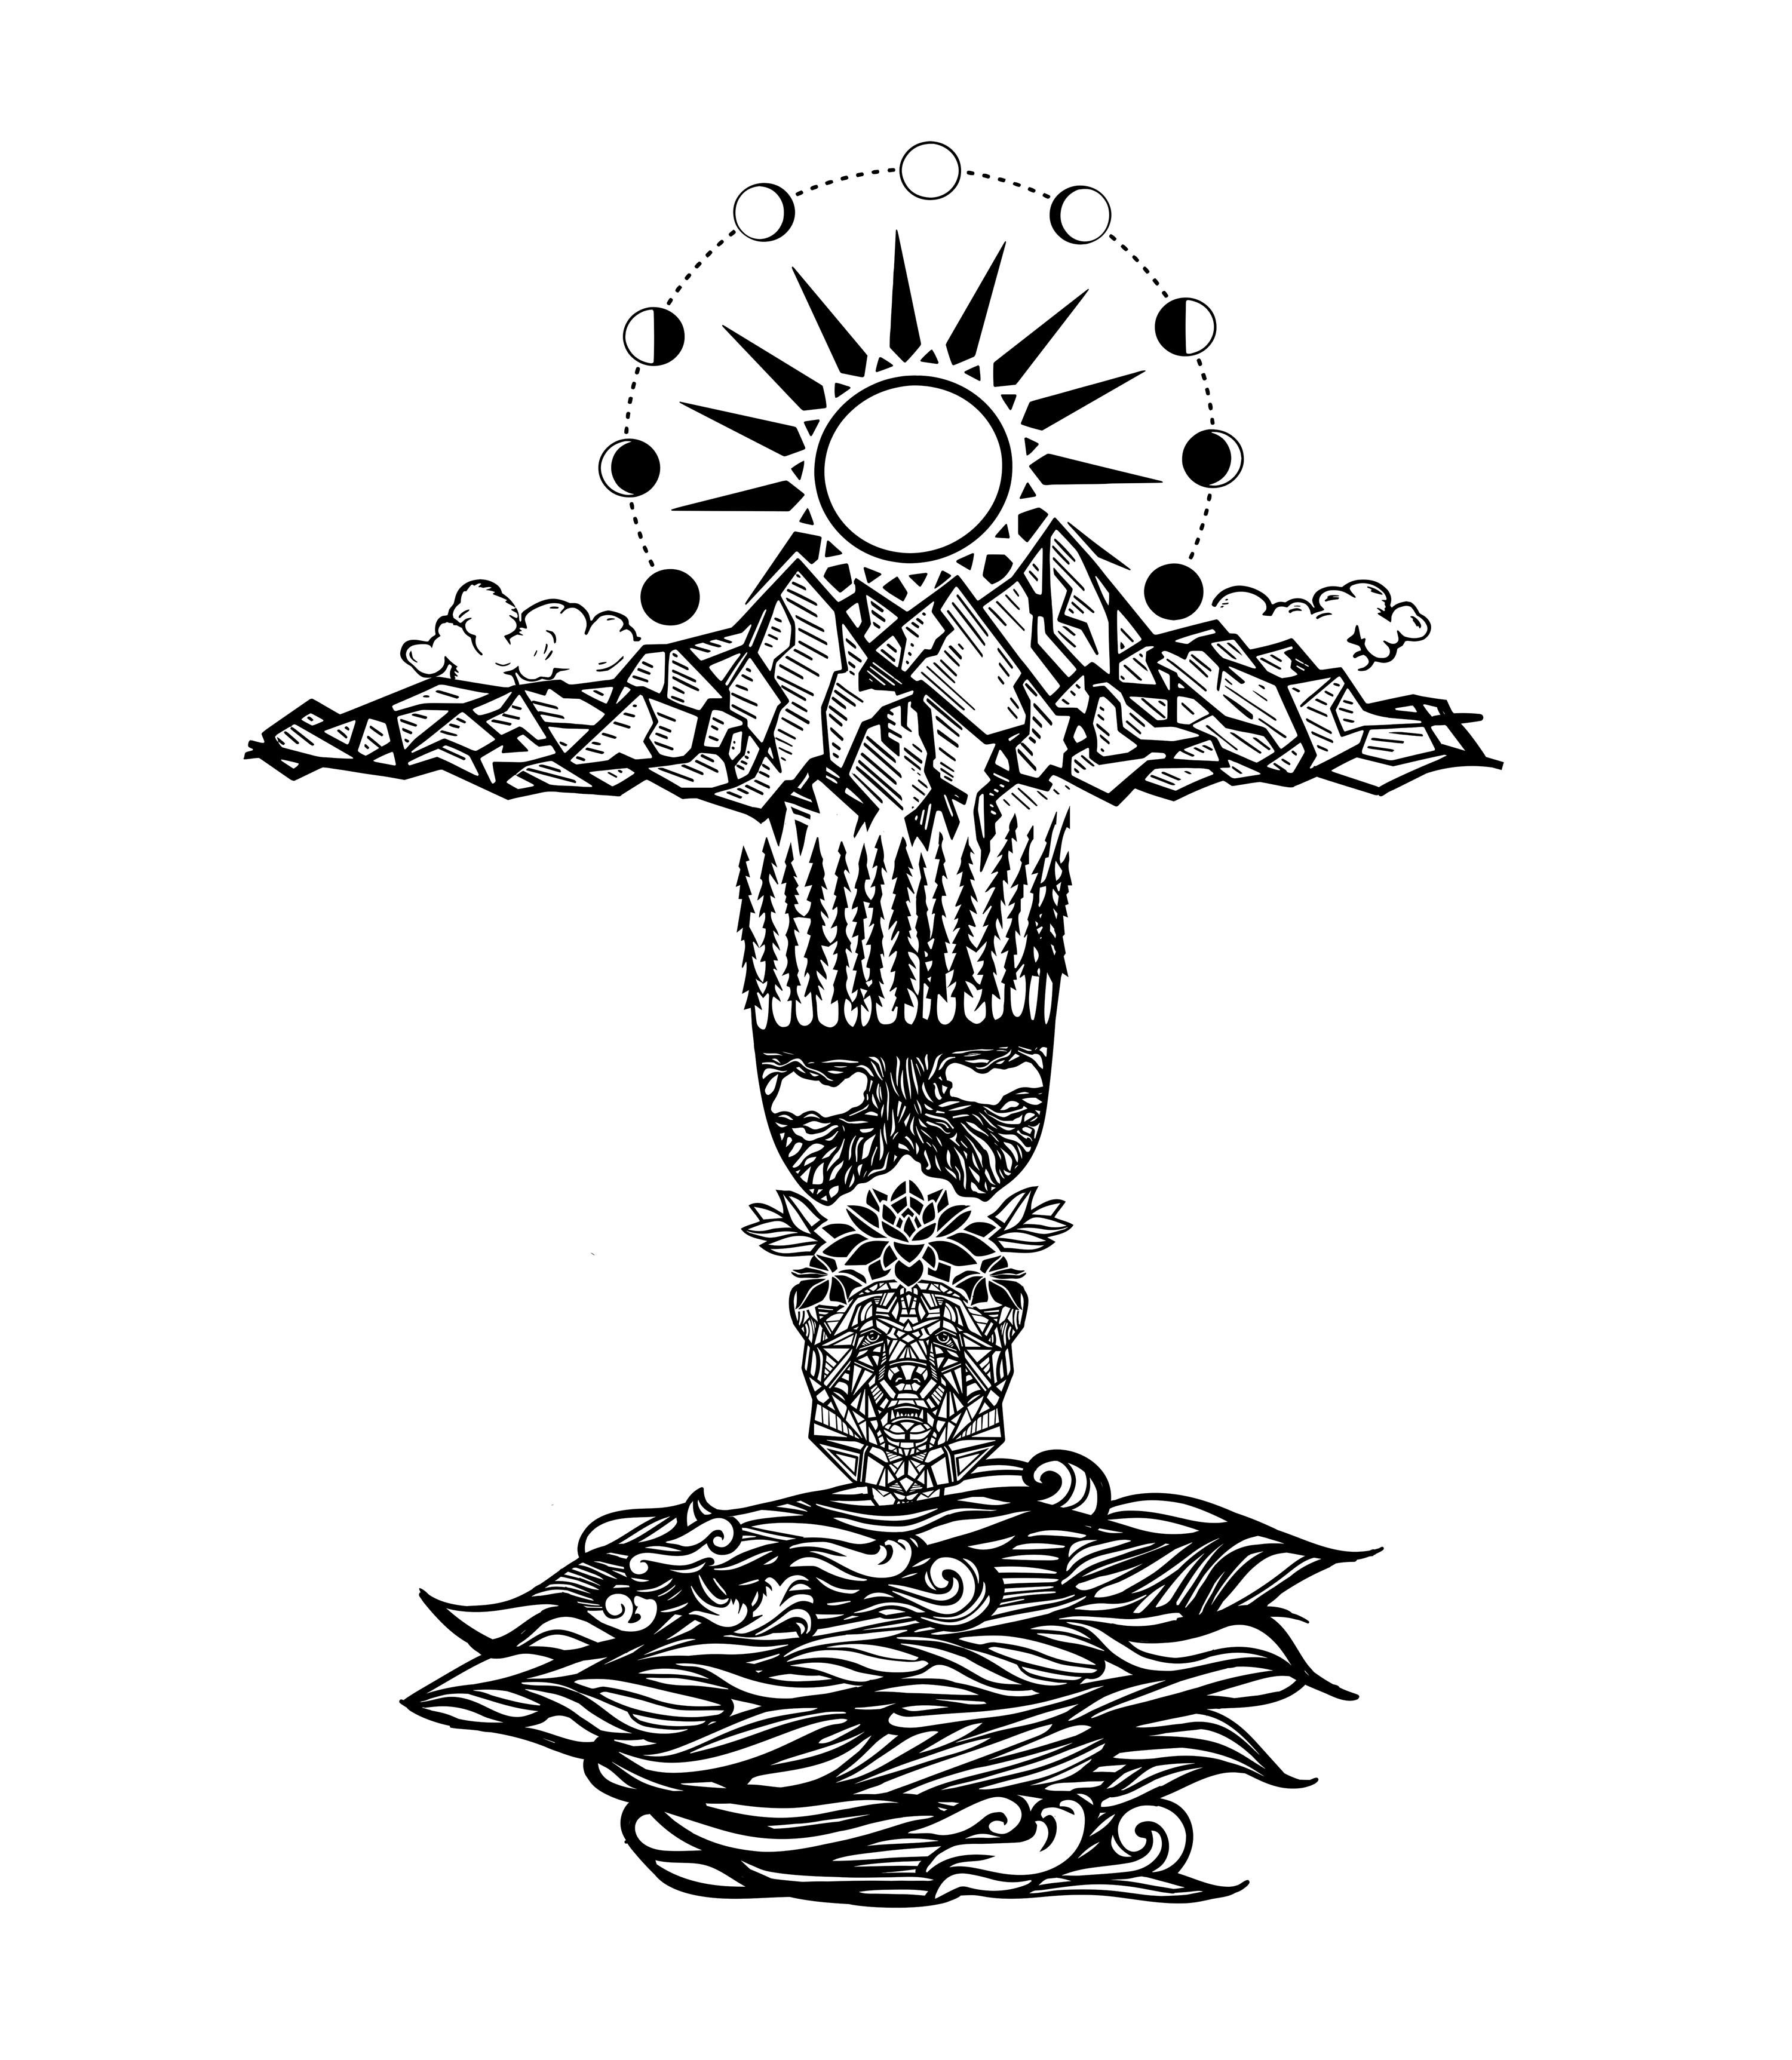 Finish Tattoo Sleeve - Nature, Minimalist